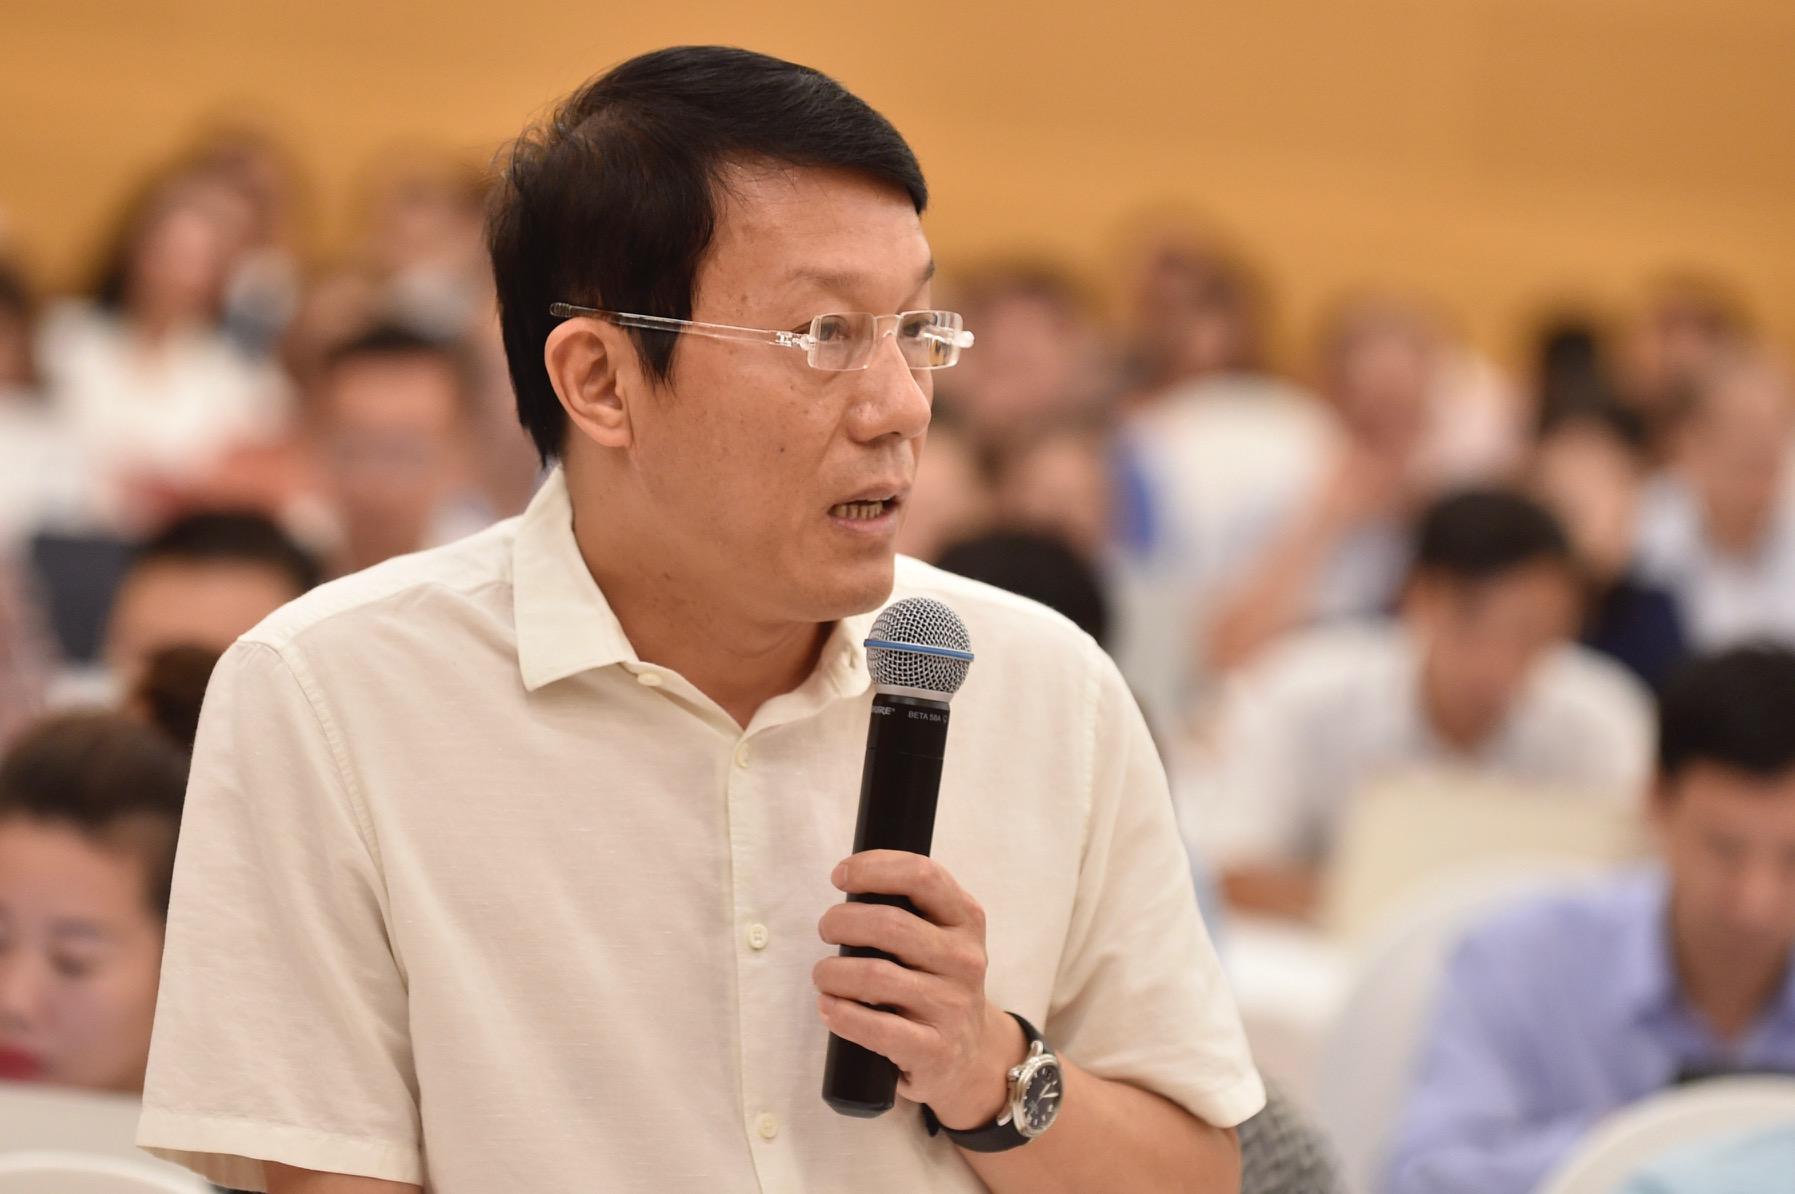 Vụ đánh bạc 10.000 tỷ toàn bộ nghi phạm và bị hại là người Trung Quốc